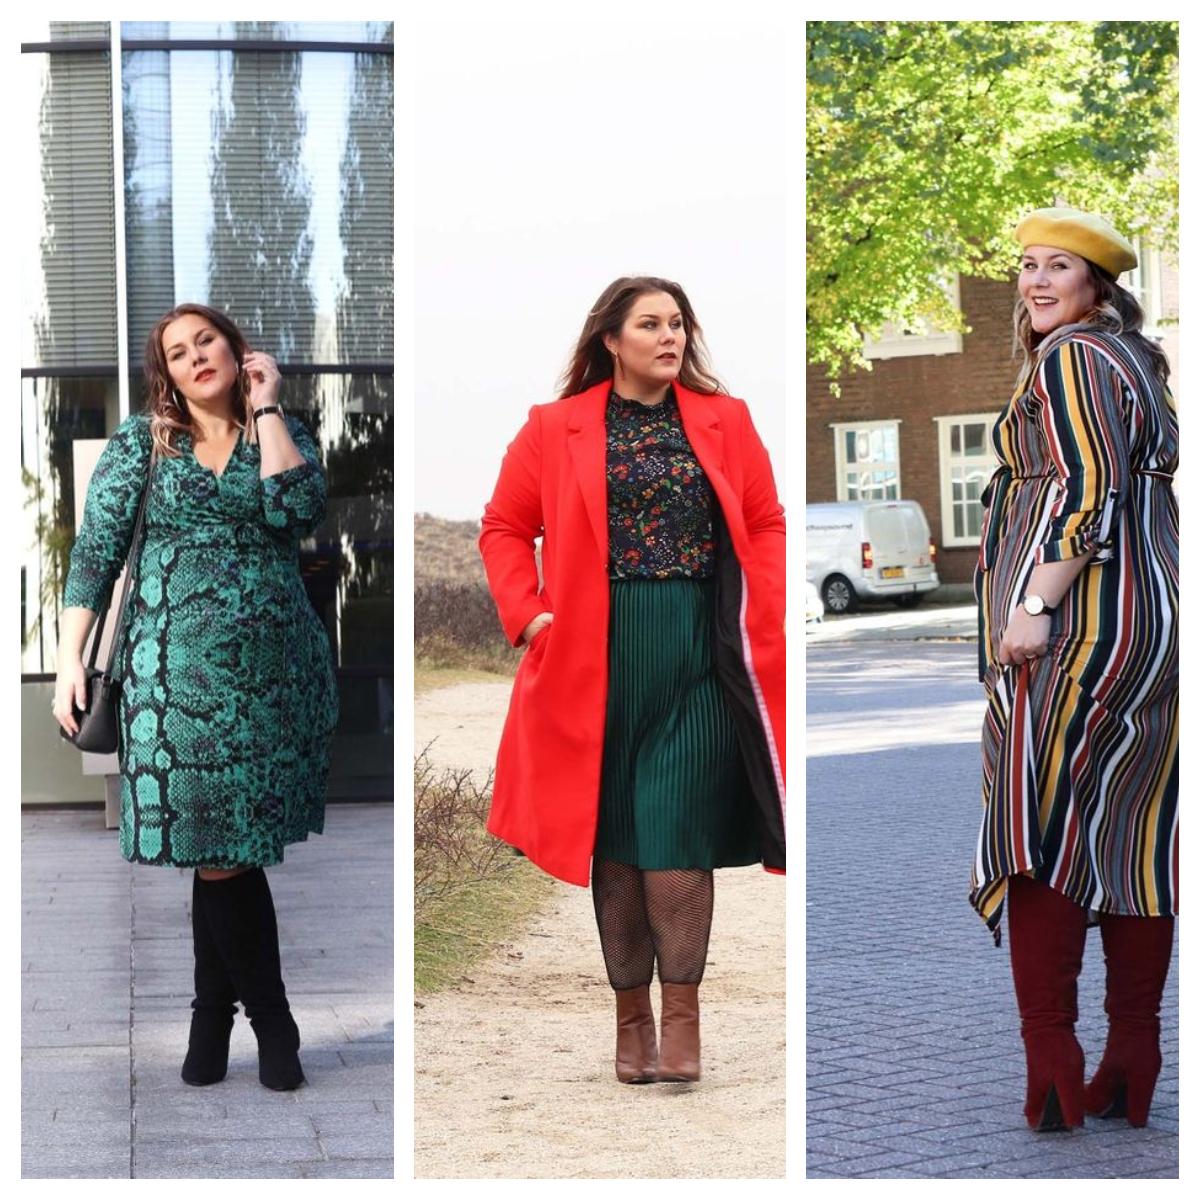 d1723c6561 Outfits de otoño para gorditas. Moda y estilo